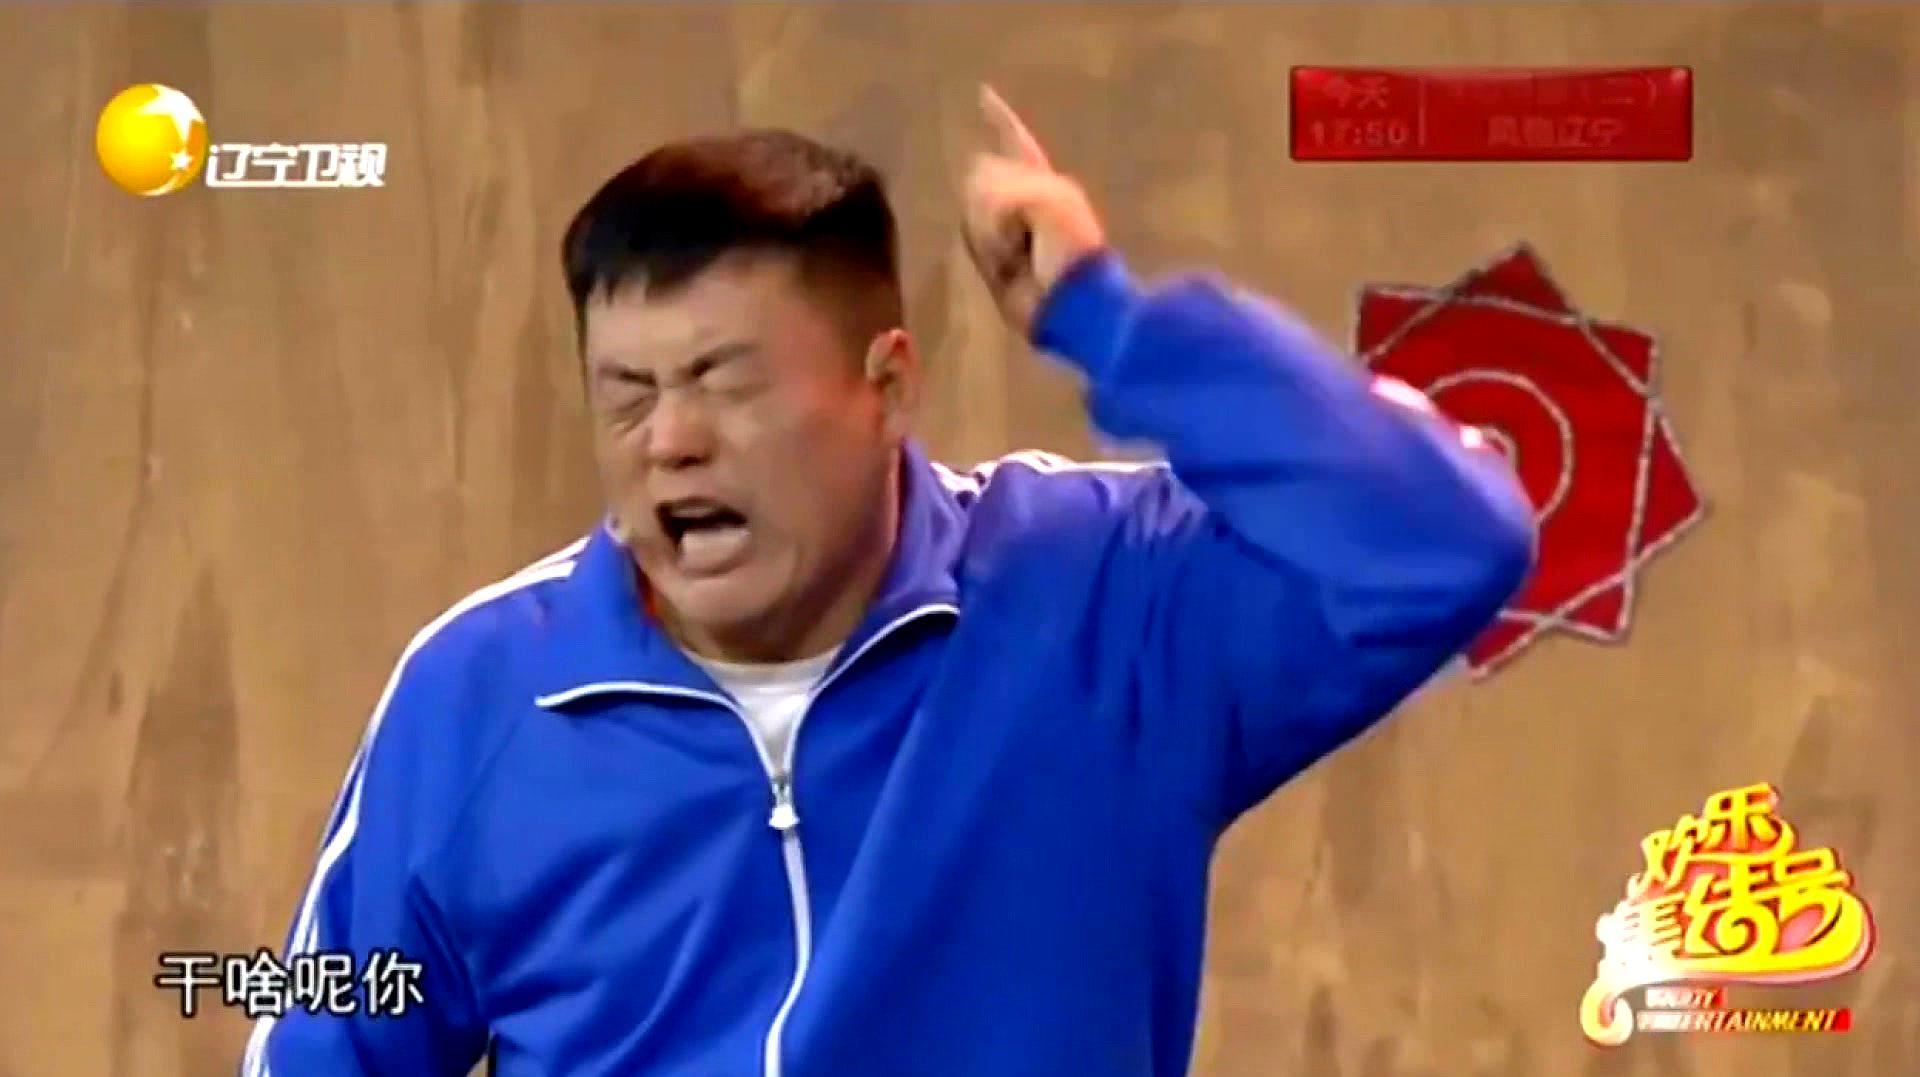 """让同学给打板,谁曾想他越打越快,结果让嘴成了""""机关枪""""!"""